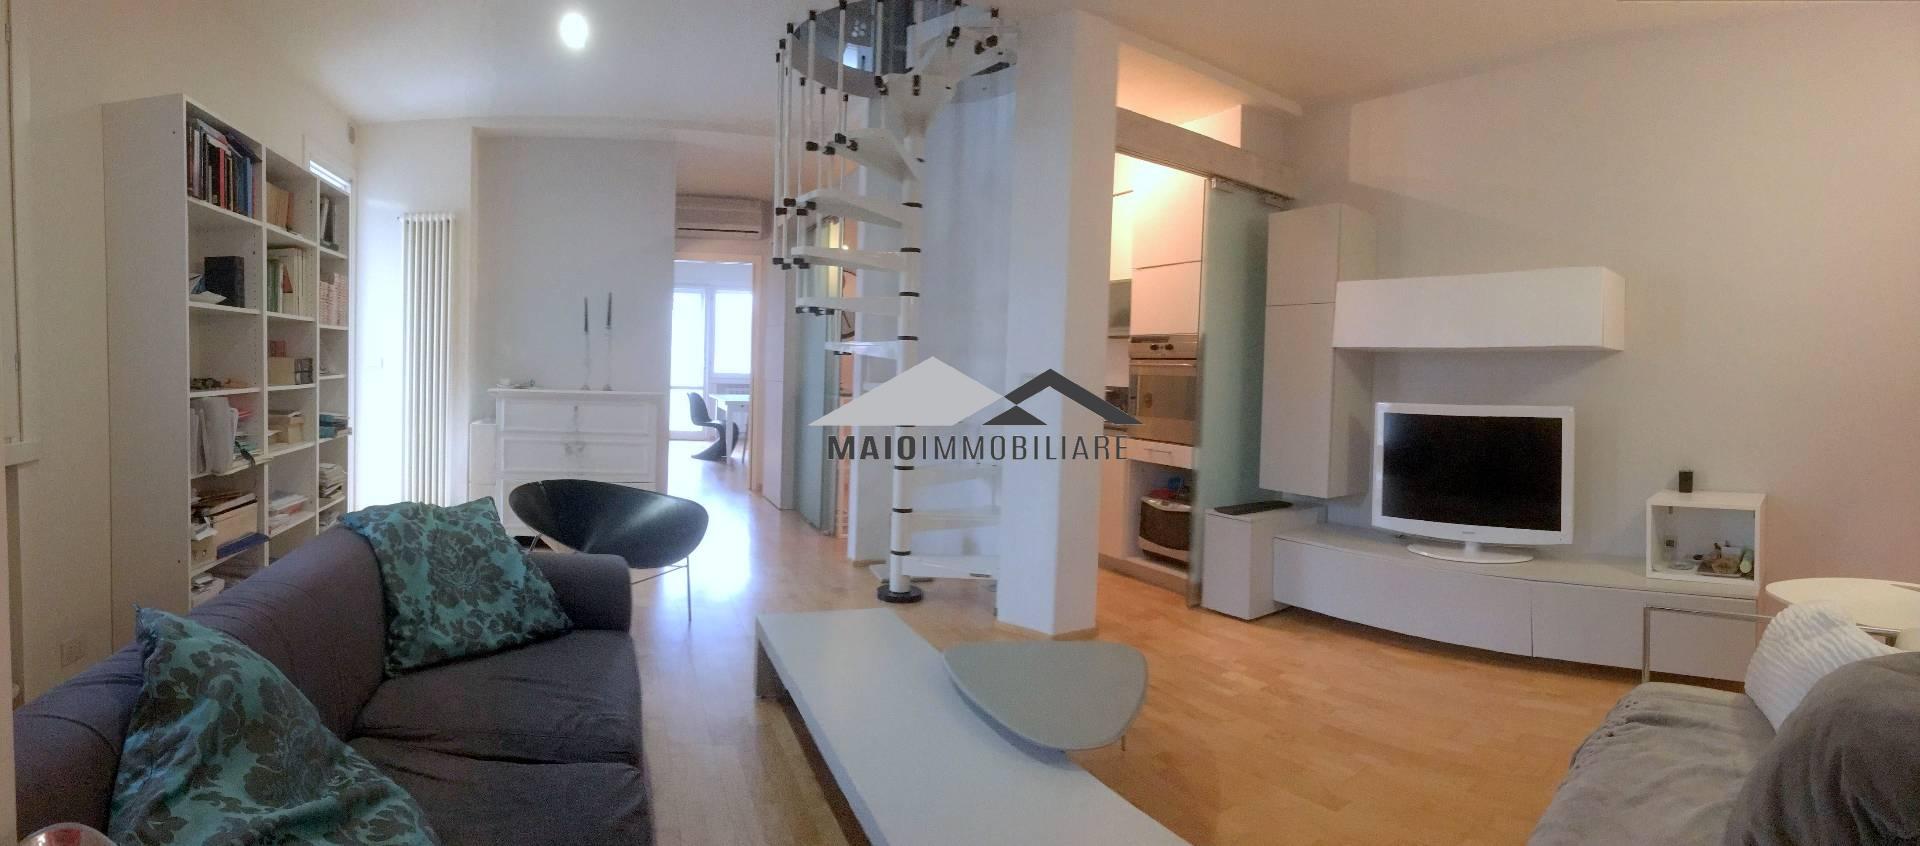 Appartamento in vendita a Riccione, 4 locali, zona Località: TERME, prezzo € 240.000   CambioCasa.it